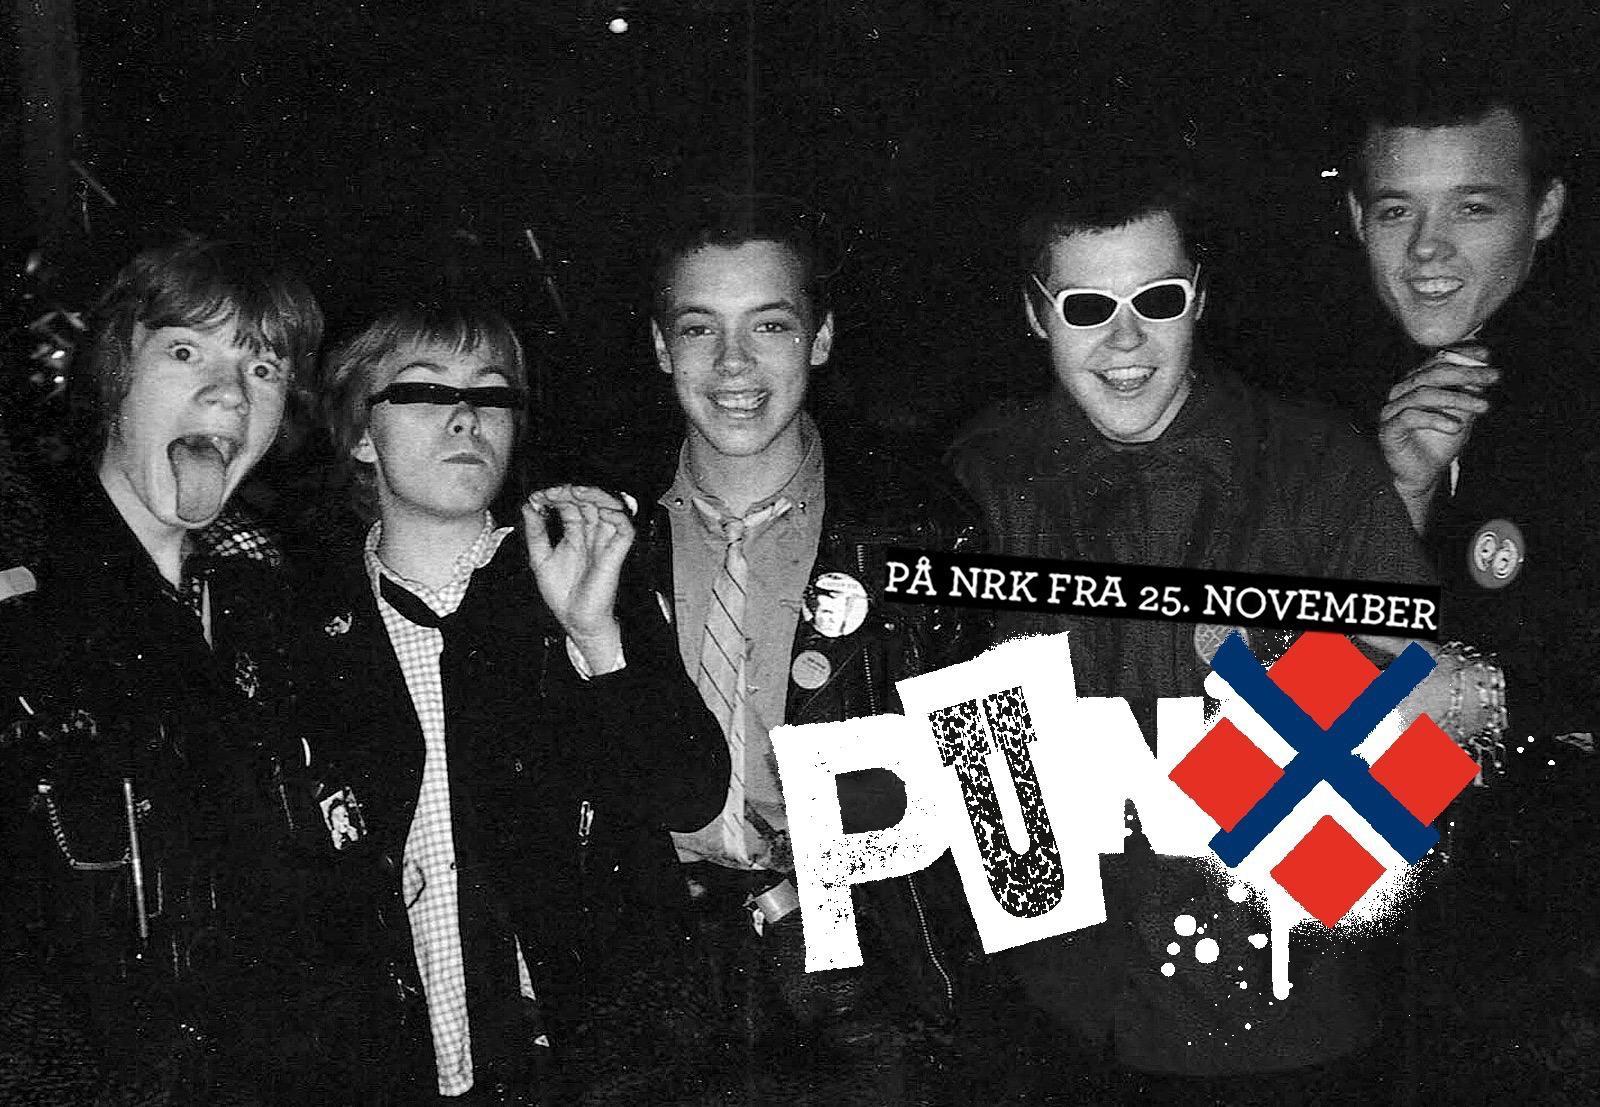 PUNX_trondheimspunk©RolvGjestland.jpg